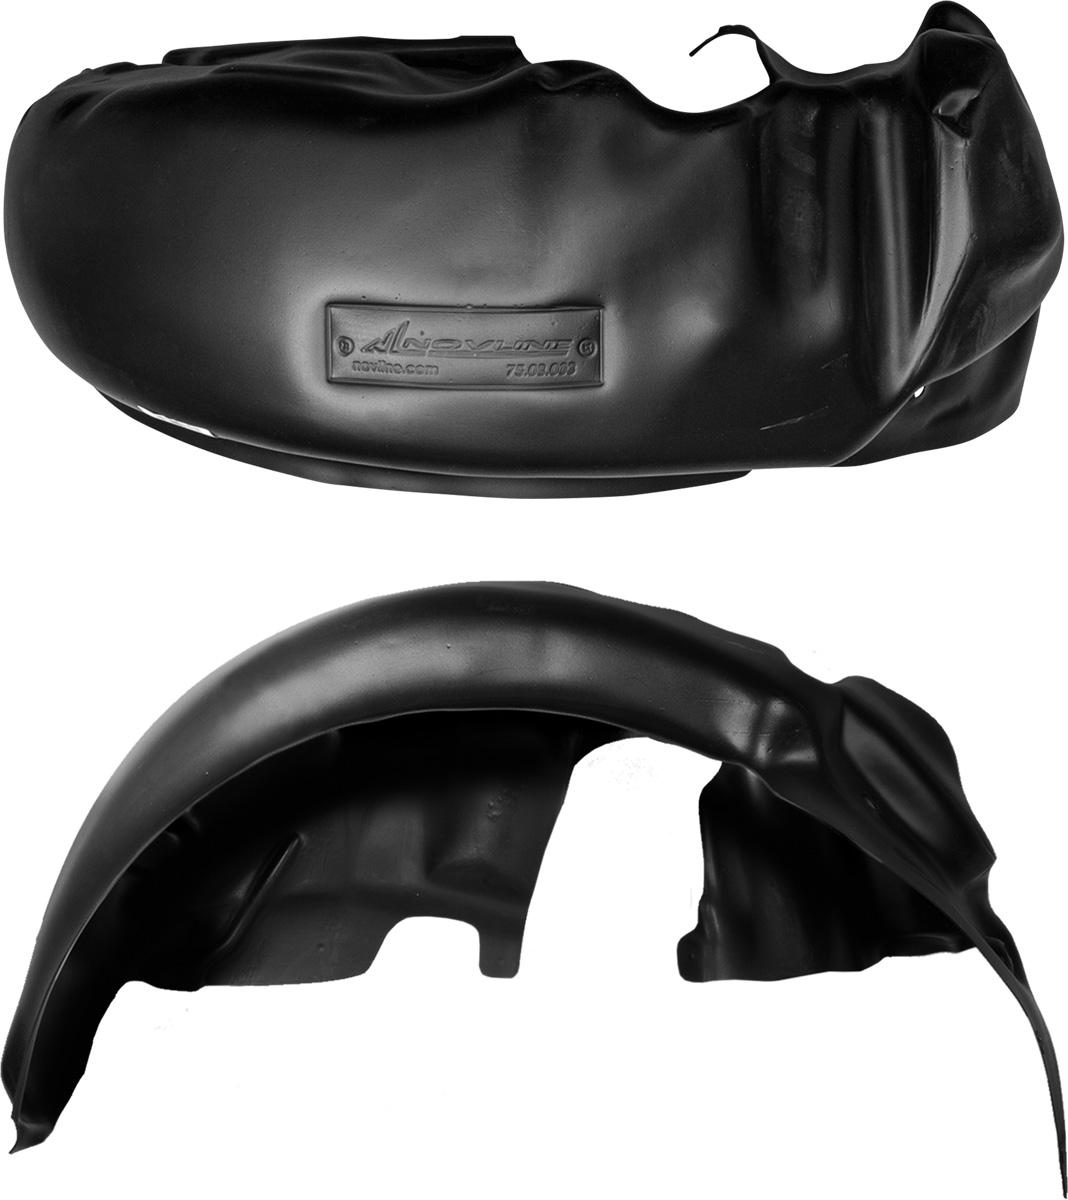 Подкрылок NISSAN Terrano 4x4, 2014->, задний правыйNLL.36.43.004Колесные ниши – одни из самых уязвимых зон днища вашего автомобиля. Они постоянно подвергаются воздействию со стороны дороги. Лучшая, почти абсолютная защита для них - специально отформованные пластиковые кожухи, которые называются подкрылками, или локерами. Производятся они как для отечественных моделей автомобилей, так и для иномарок. Подкрылки выполнены из высококачественного, экологически чистого пластика. Обеспечивают надежную защиту кузова автомобиля от пескоструйного эффекта и негативного влияния, агрессивных антигололедных реагентов. Пластик обладает более низкой теплопроводностью, чем металл, поэтому в зимний период эксплуатации использование пластиковых подкрылков позволяет лучше защитить колесные ниши от налипания снега и образования наледи. Оригинальность конструкции подчеркивает элегантность автомобиля, бережно защищает нанесенное на днище кузова антикоррозийное покрытие и позволяет осуществить крепление подкрылков внутри колесной арки практически без дополнительного...